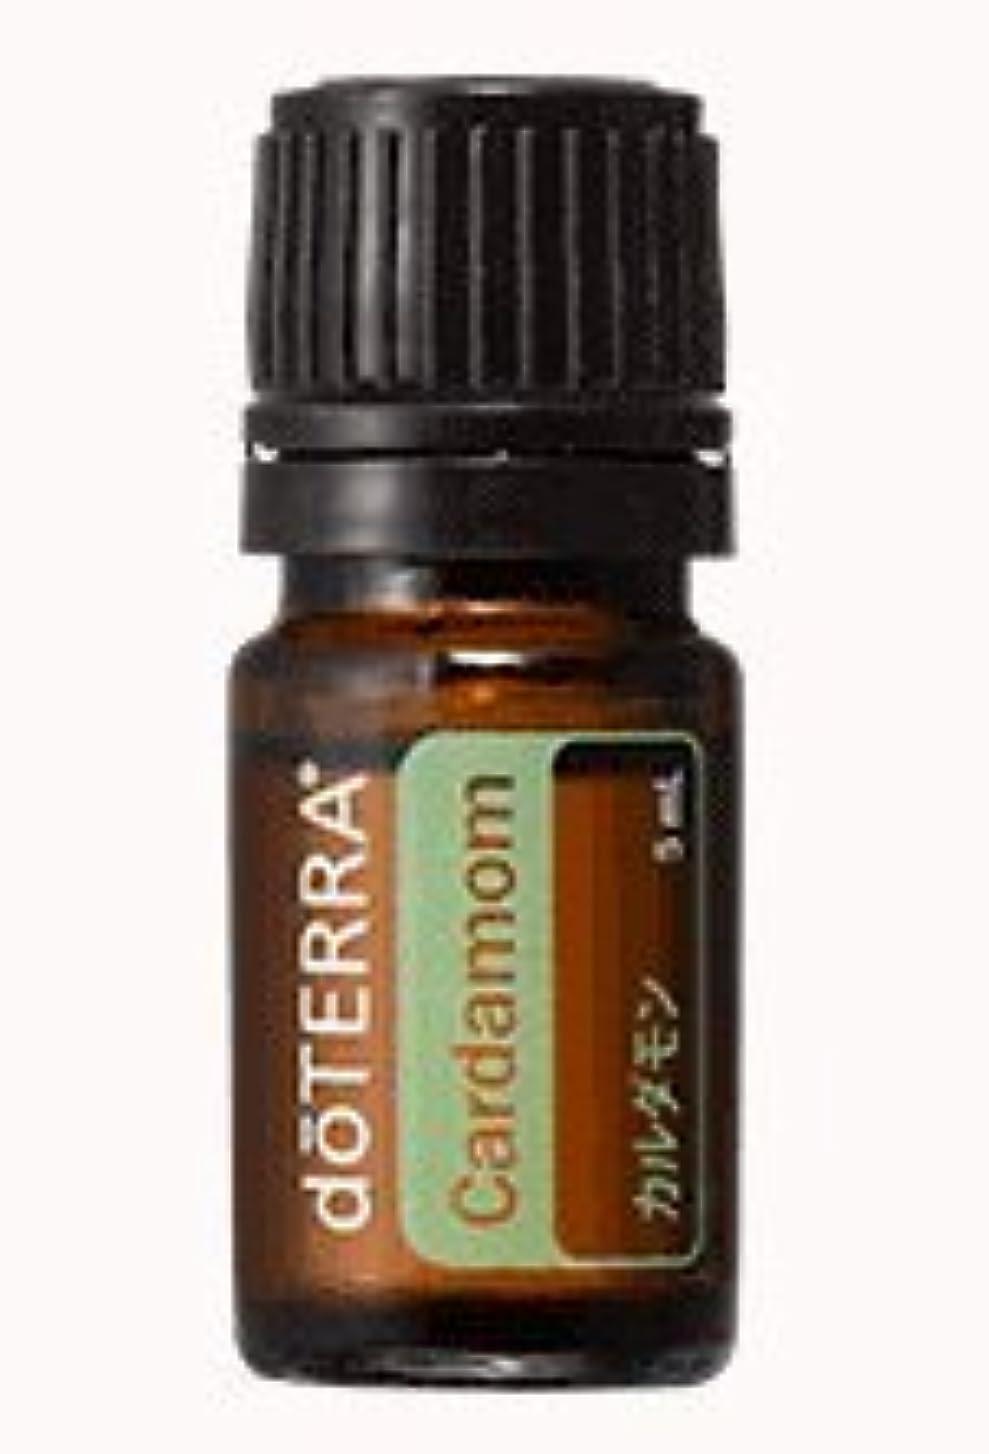 安全性雄大なホバードテラ カルダモン 5 ml アロマオイル エッセンシャルオイル 精油 スパイス系 aroma